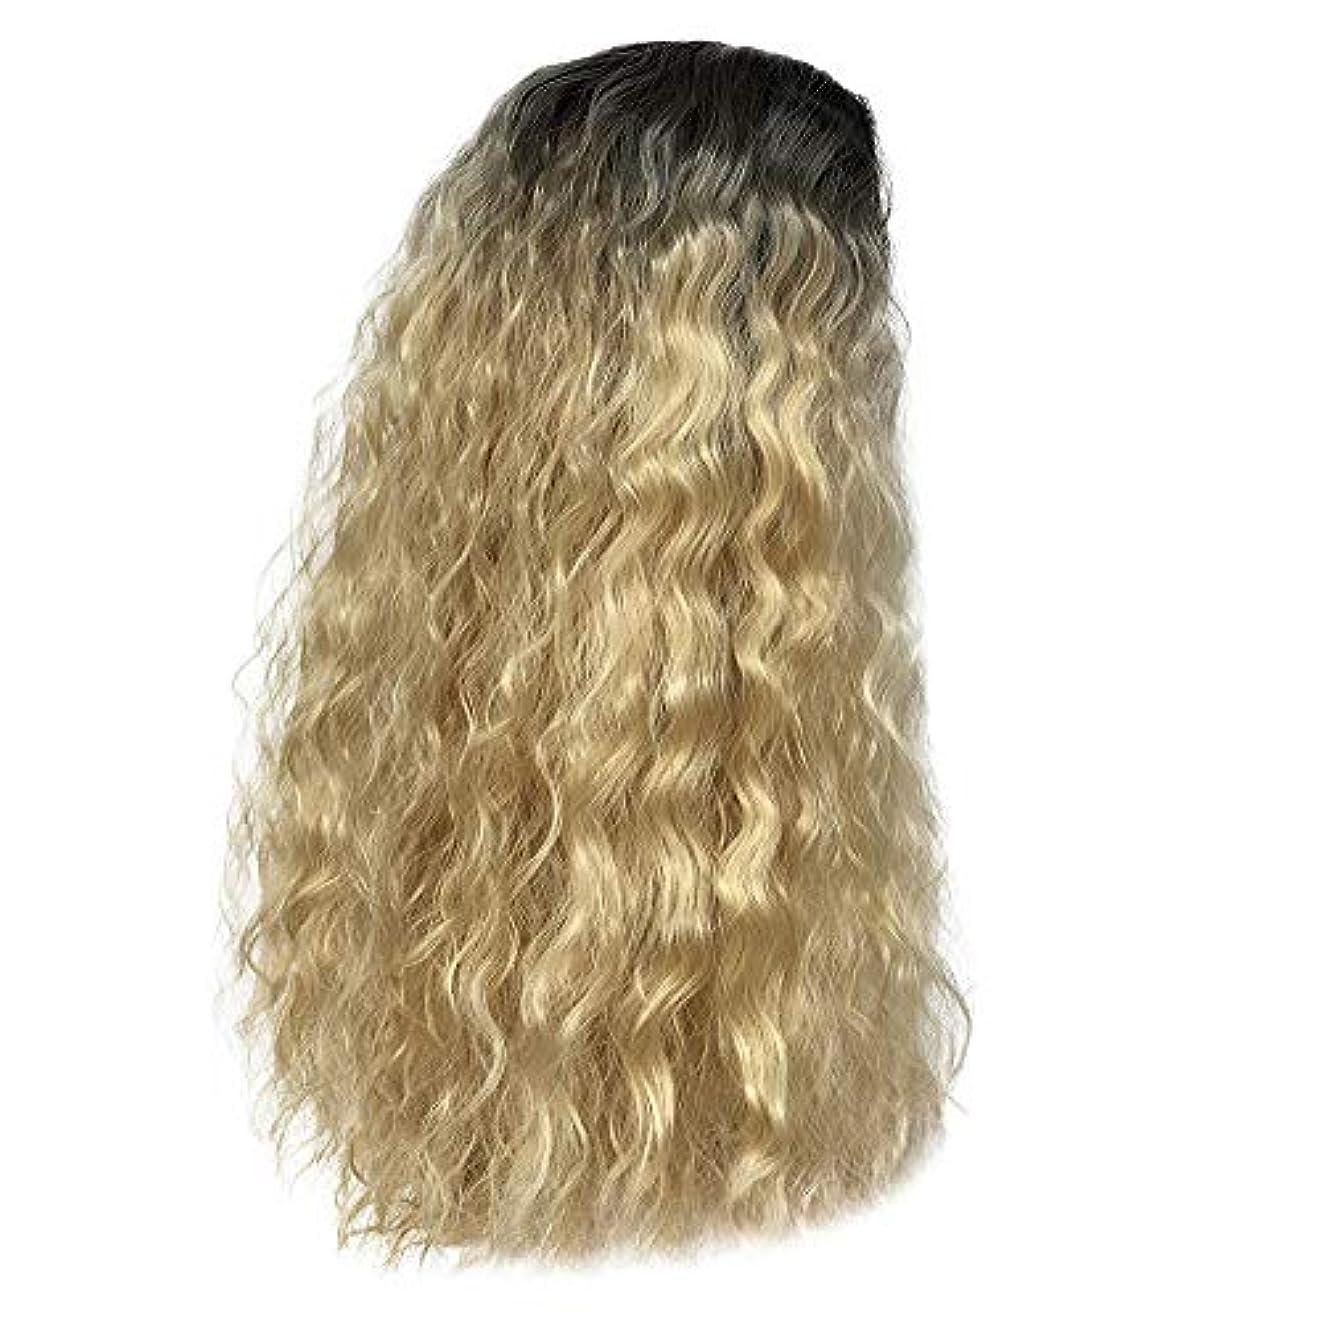 こんにちは形式適格かつらゴールドグラデーション長い巻き毛ふわふわ爆発ヘッドローズネット